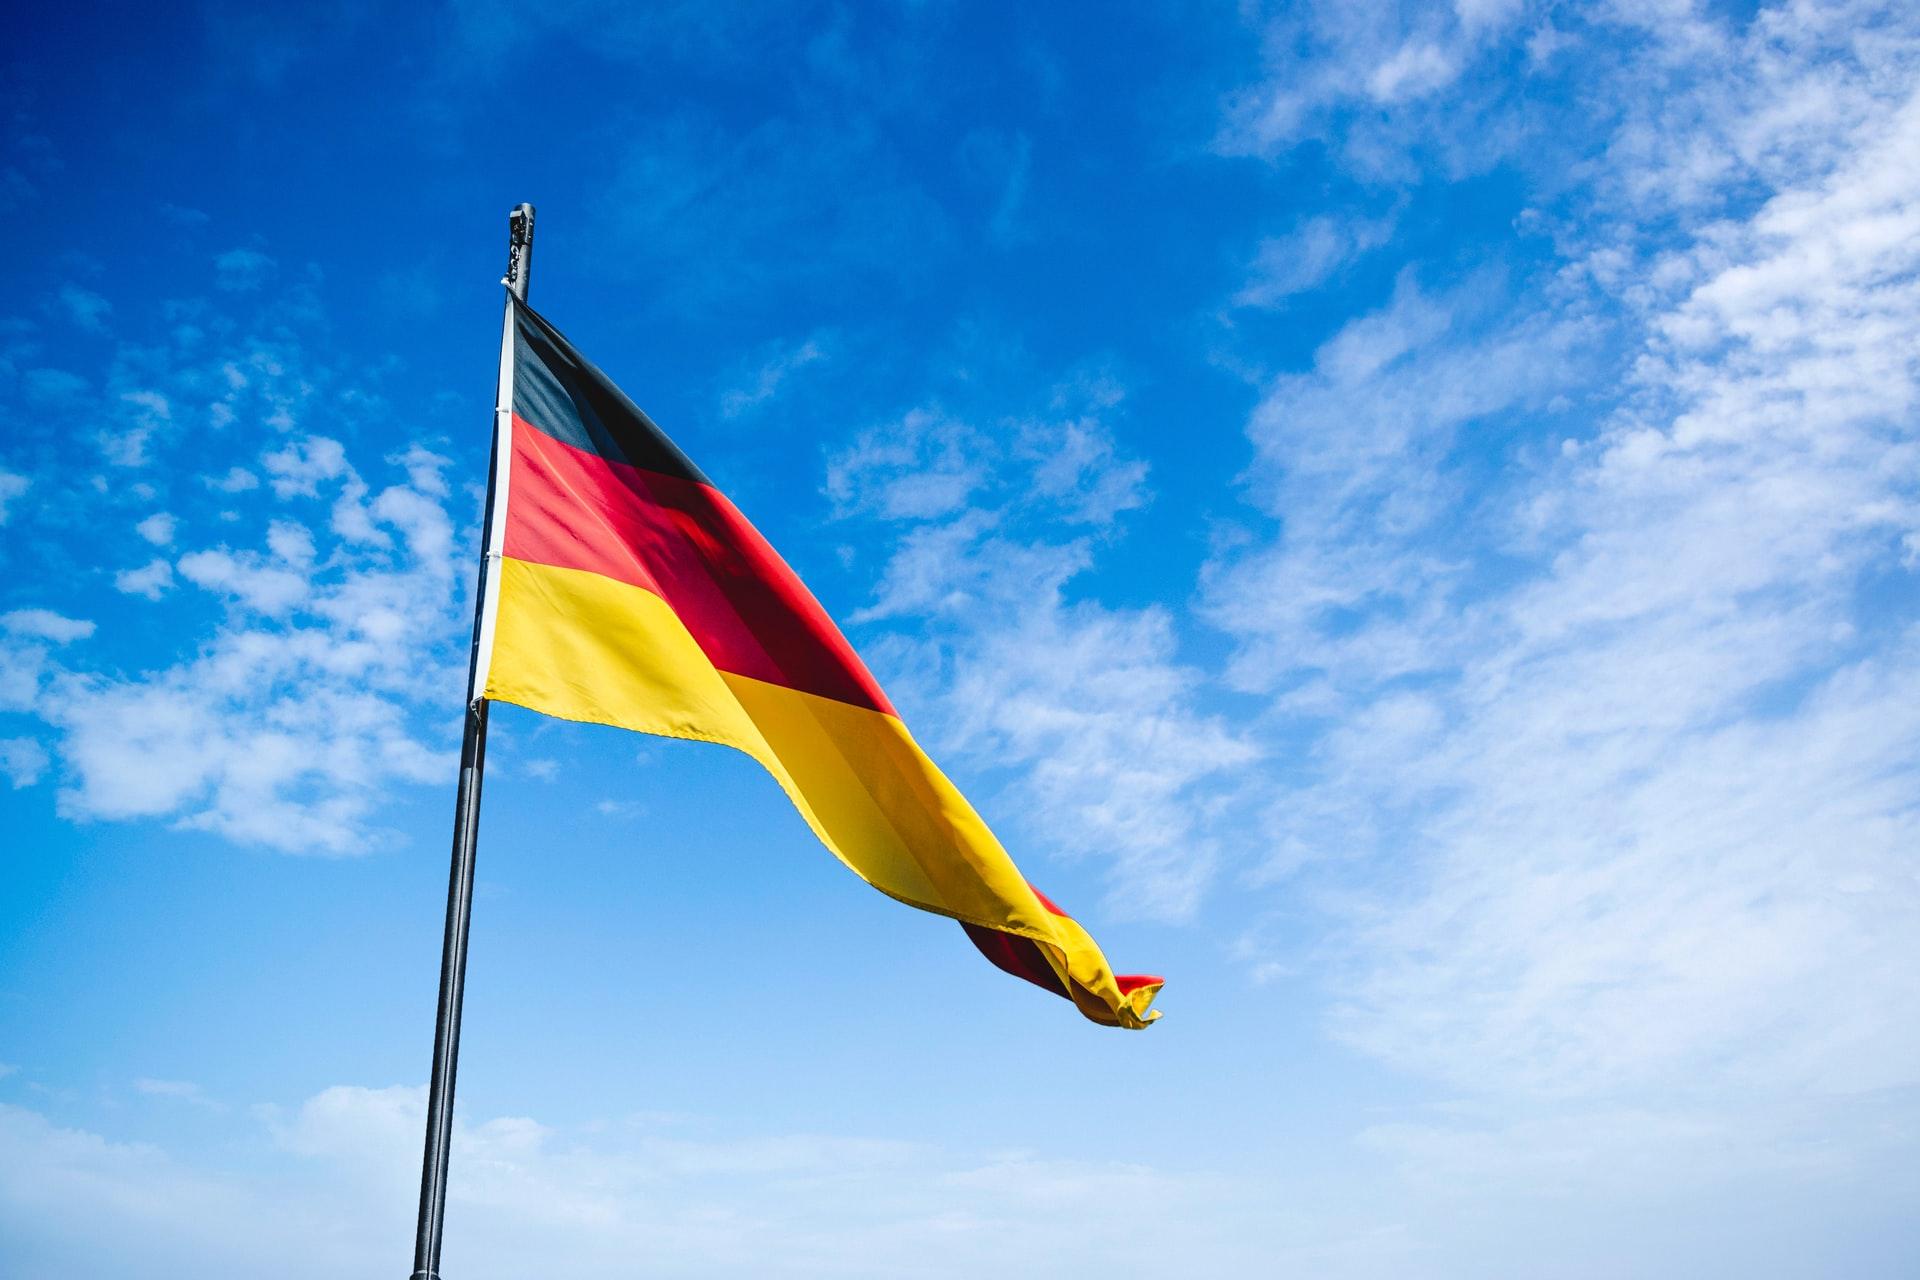 Germany or Sweden